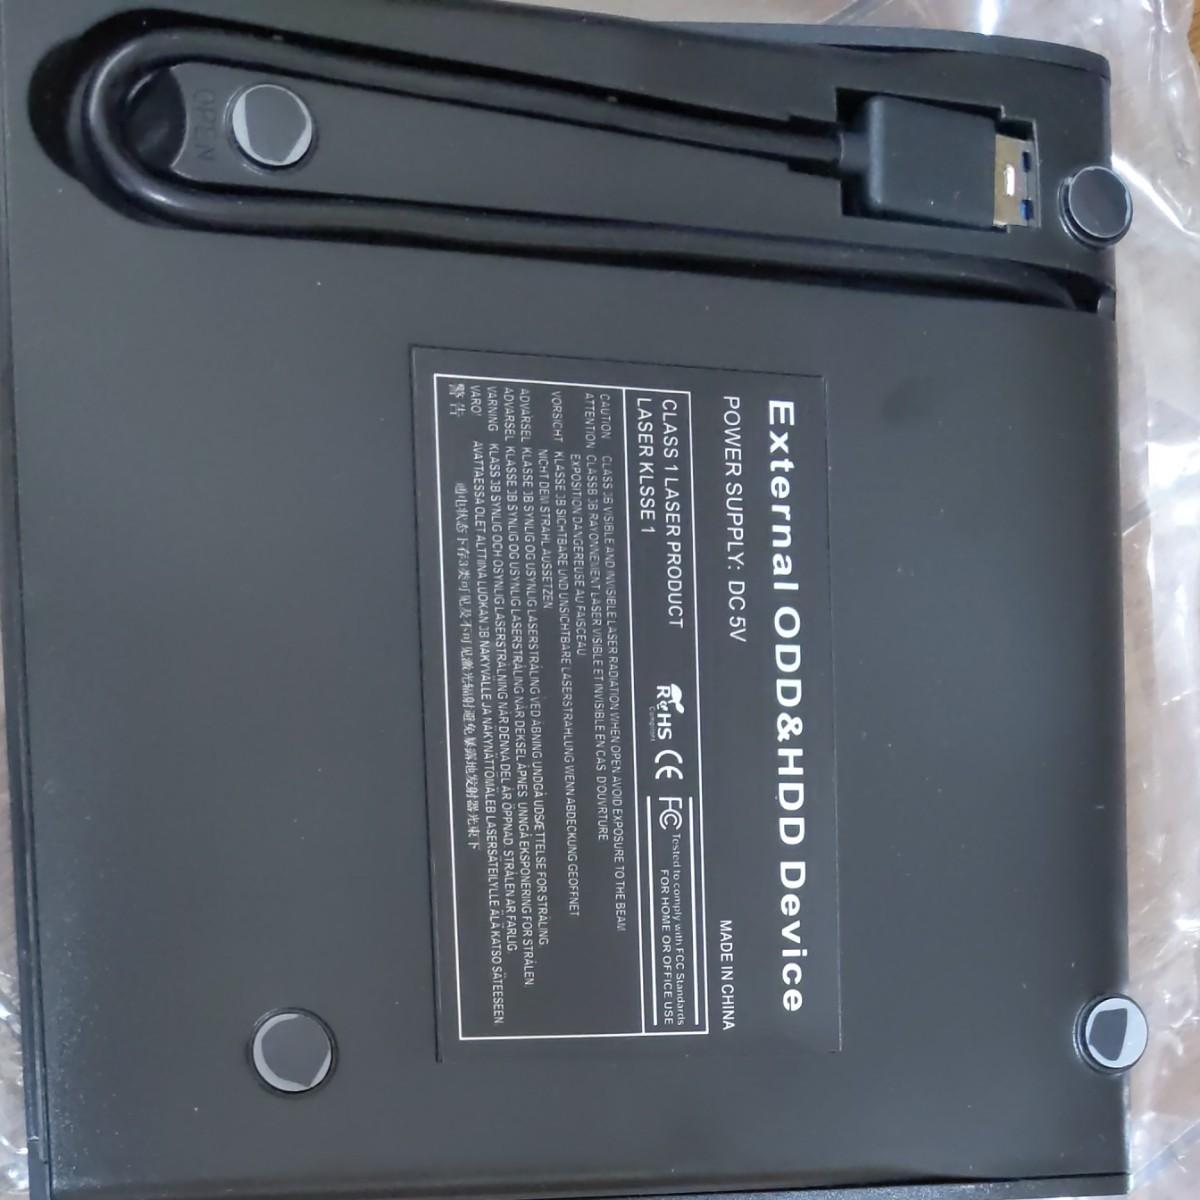 USB3.0外付けDVD ドライブ ブラック CD DVD 読み込みと書き込み対応 ポータブル スリ厶SOTOUSBH-BK